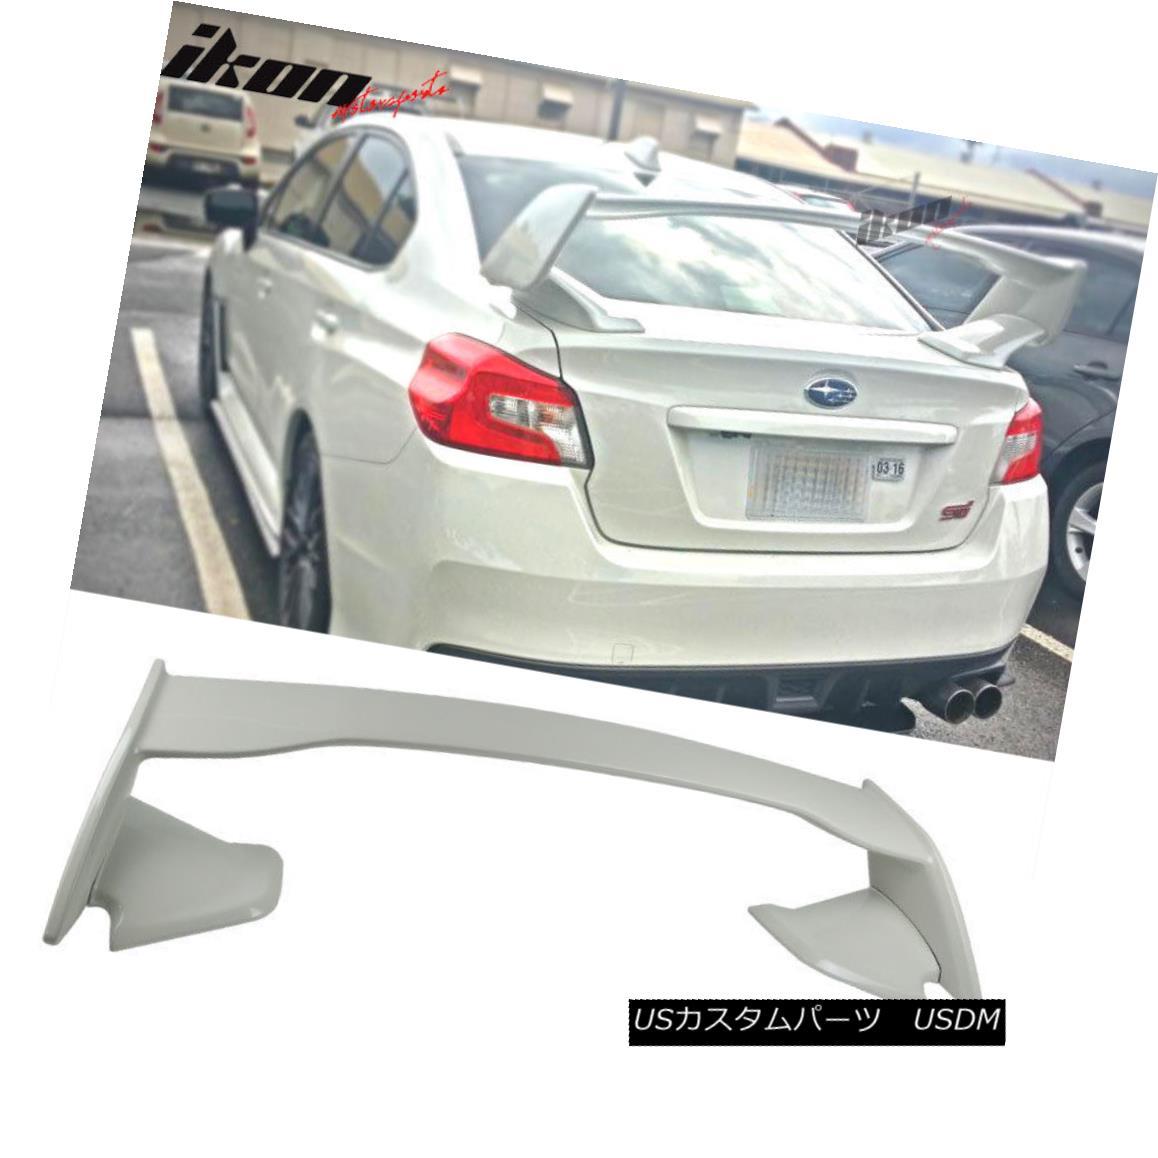 エアロパーツ For 15-18 Subaru WRX STI ABS Trunk Spoiler Painted #K1X Crystal White Pearl 15-18スバルWRX STI用ABSトランク・スポイラー#K1Xクリスタル・ホワイト・パール